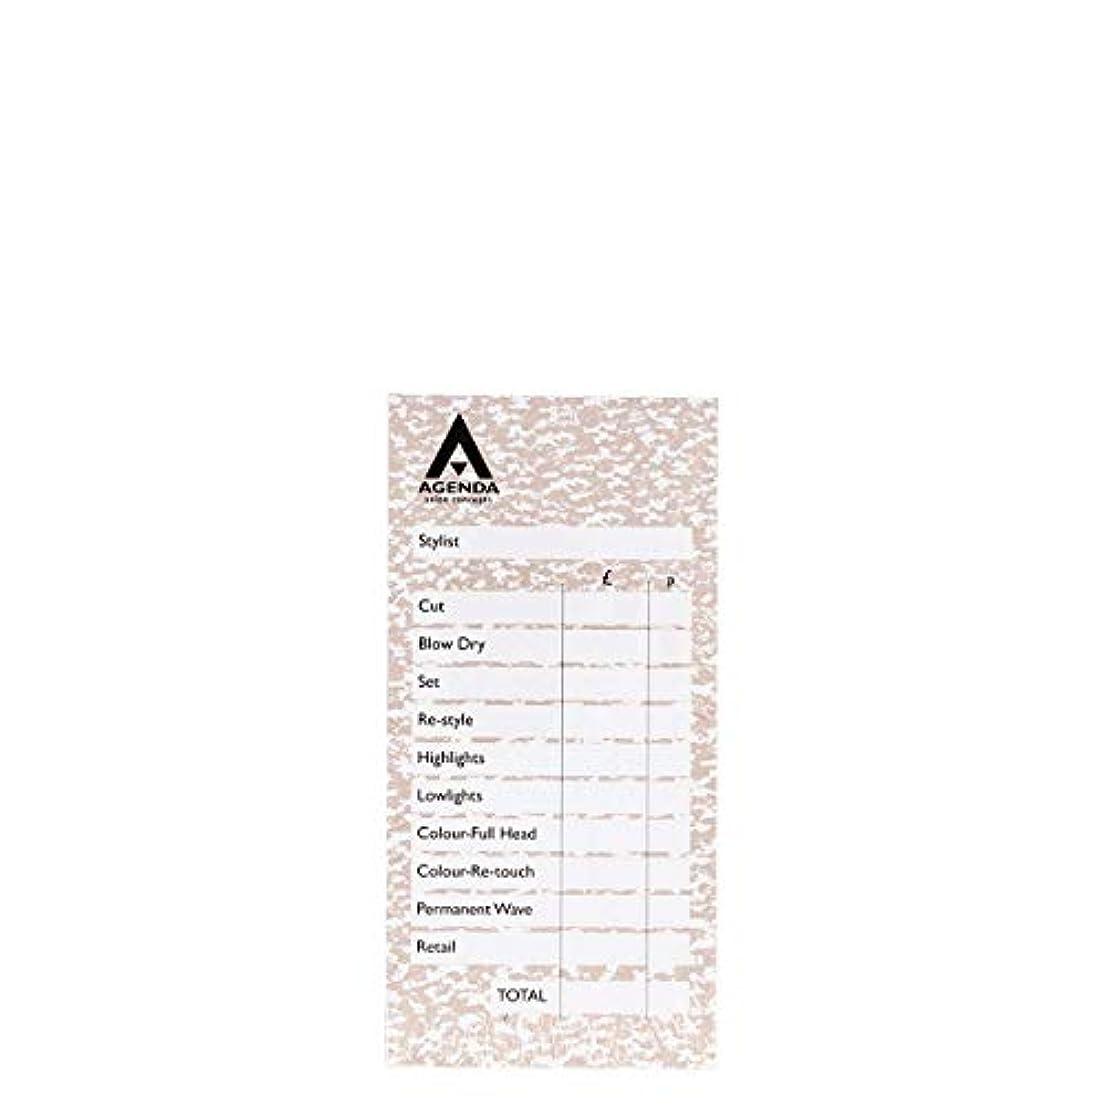 凝縮する労苦マイコンアジェンダ サロンコンセプト チェックパッドベージュ6x100リーフ[海外直送品] [並行輸入品]